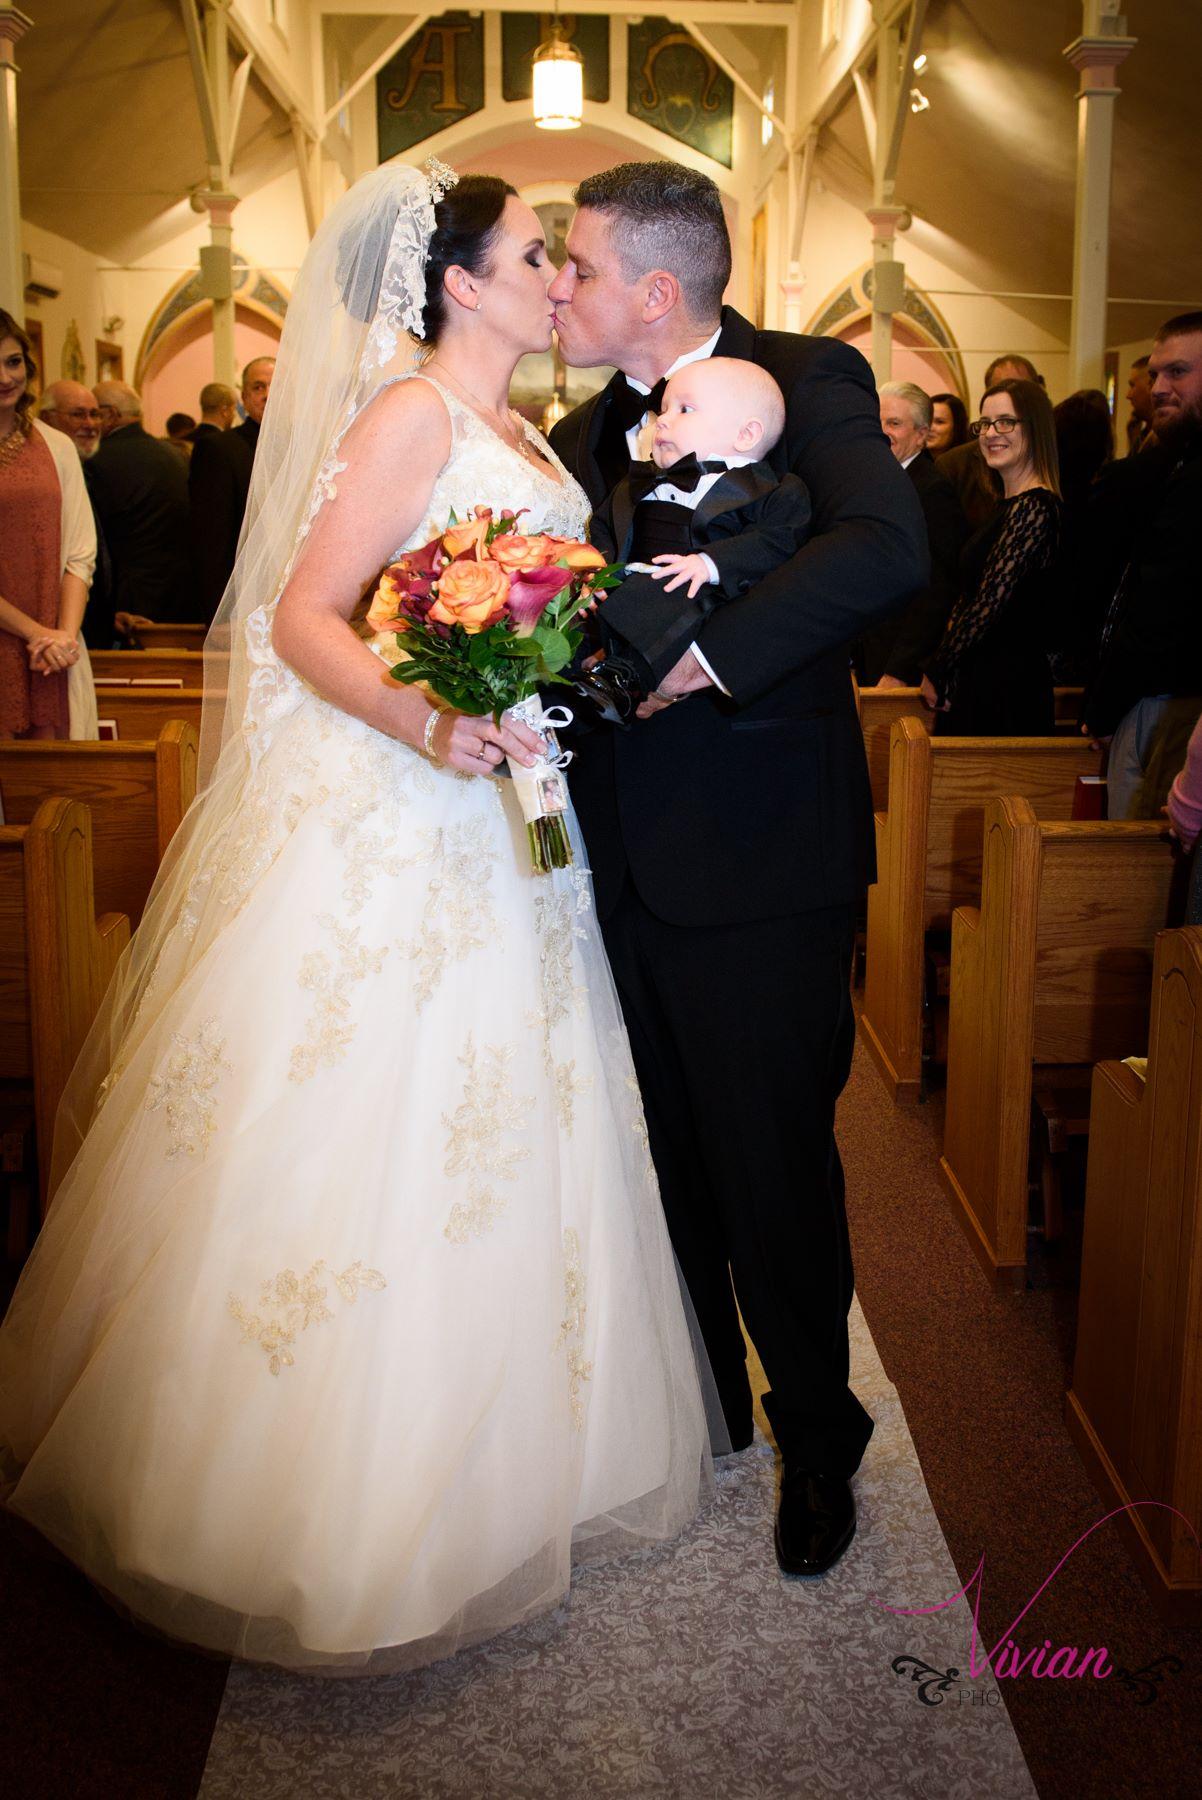 bride-groom-kissing-groom-holding-baby.jpg